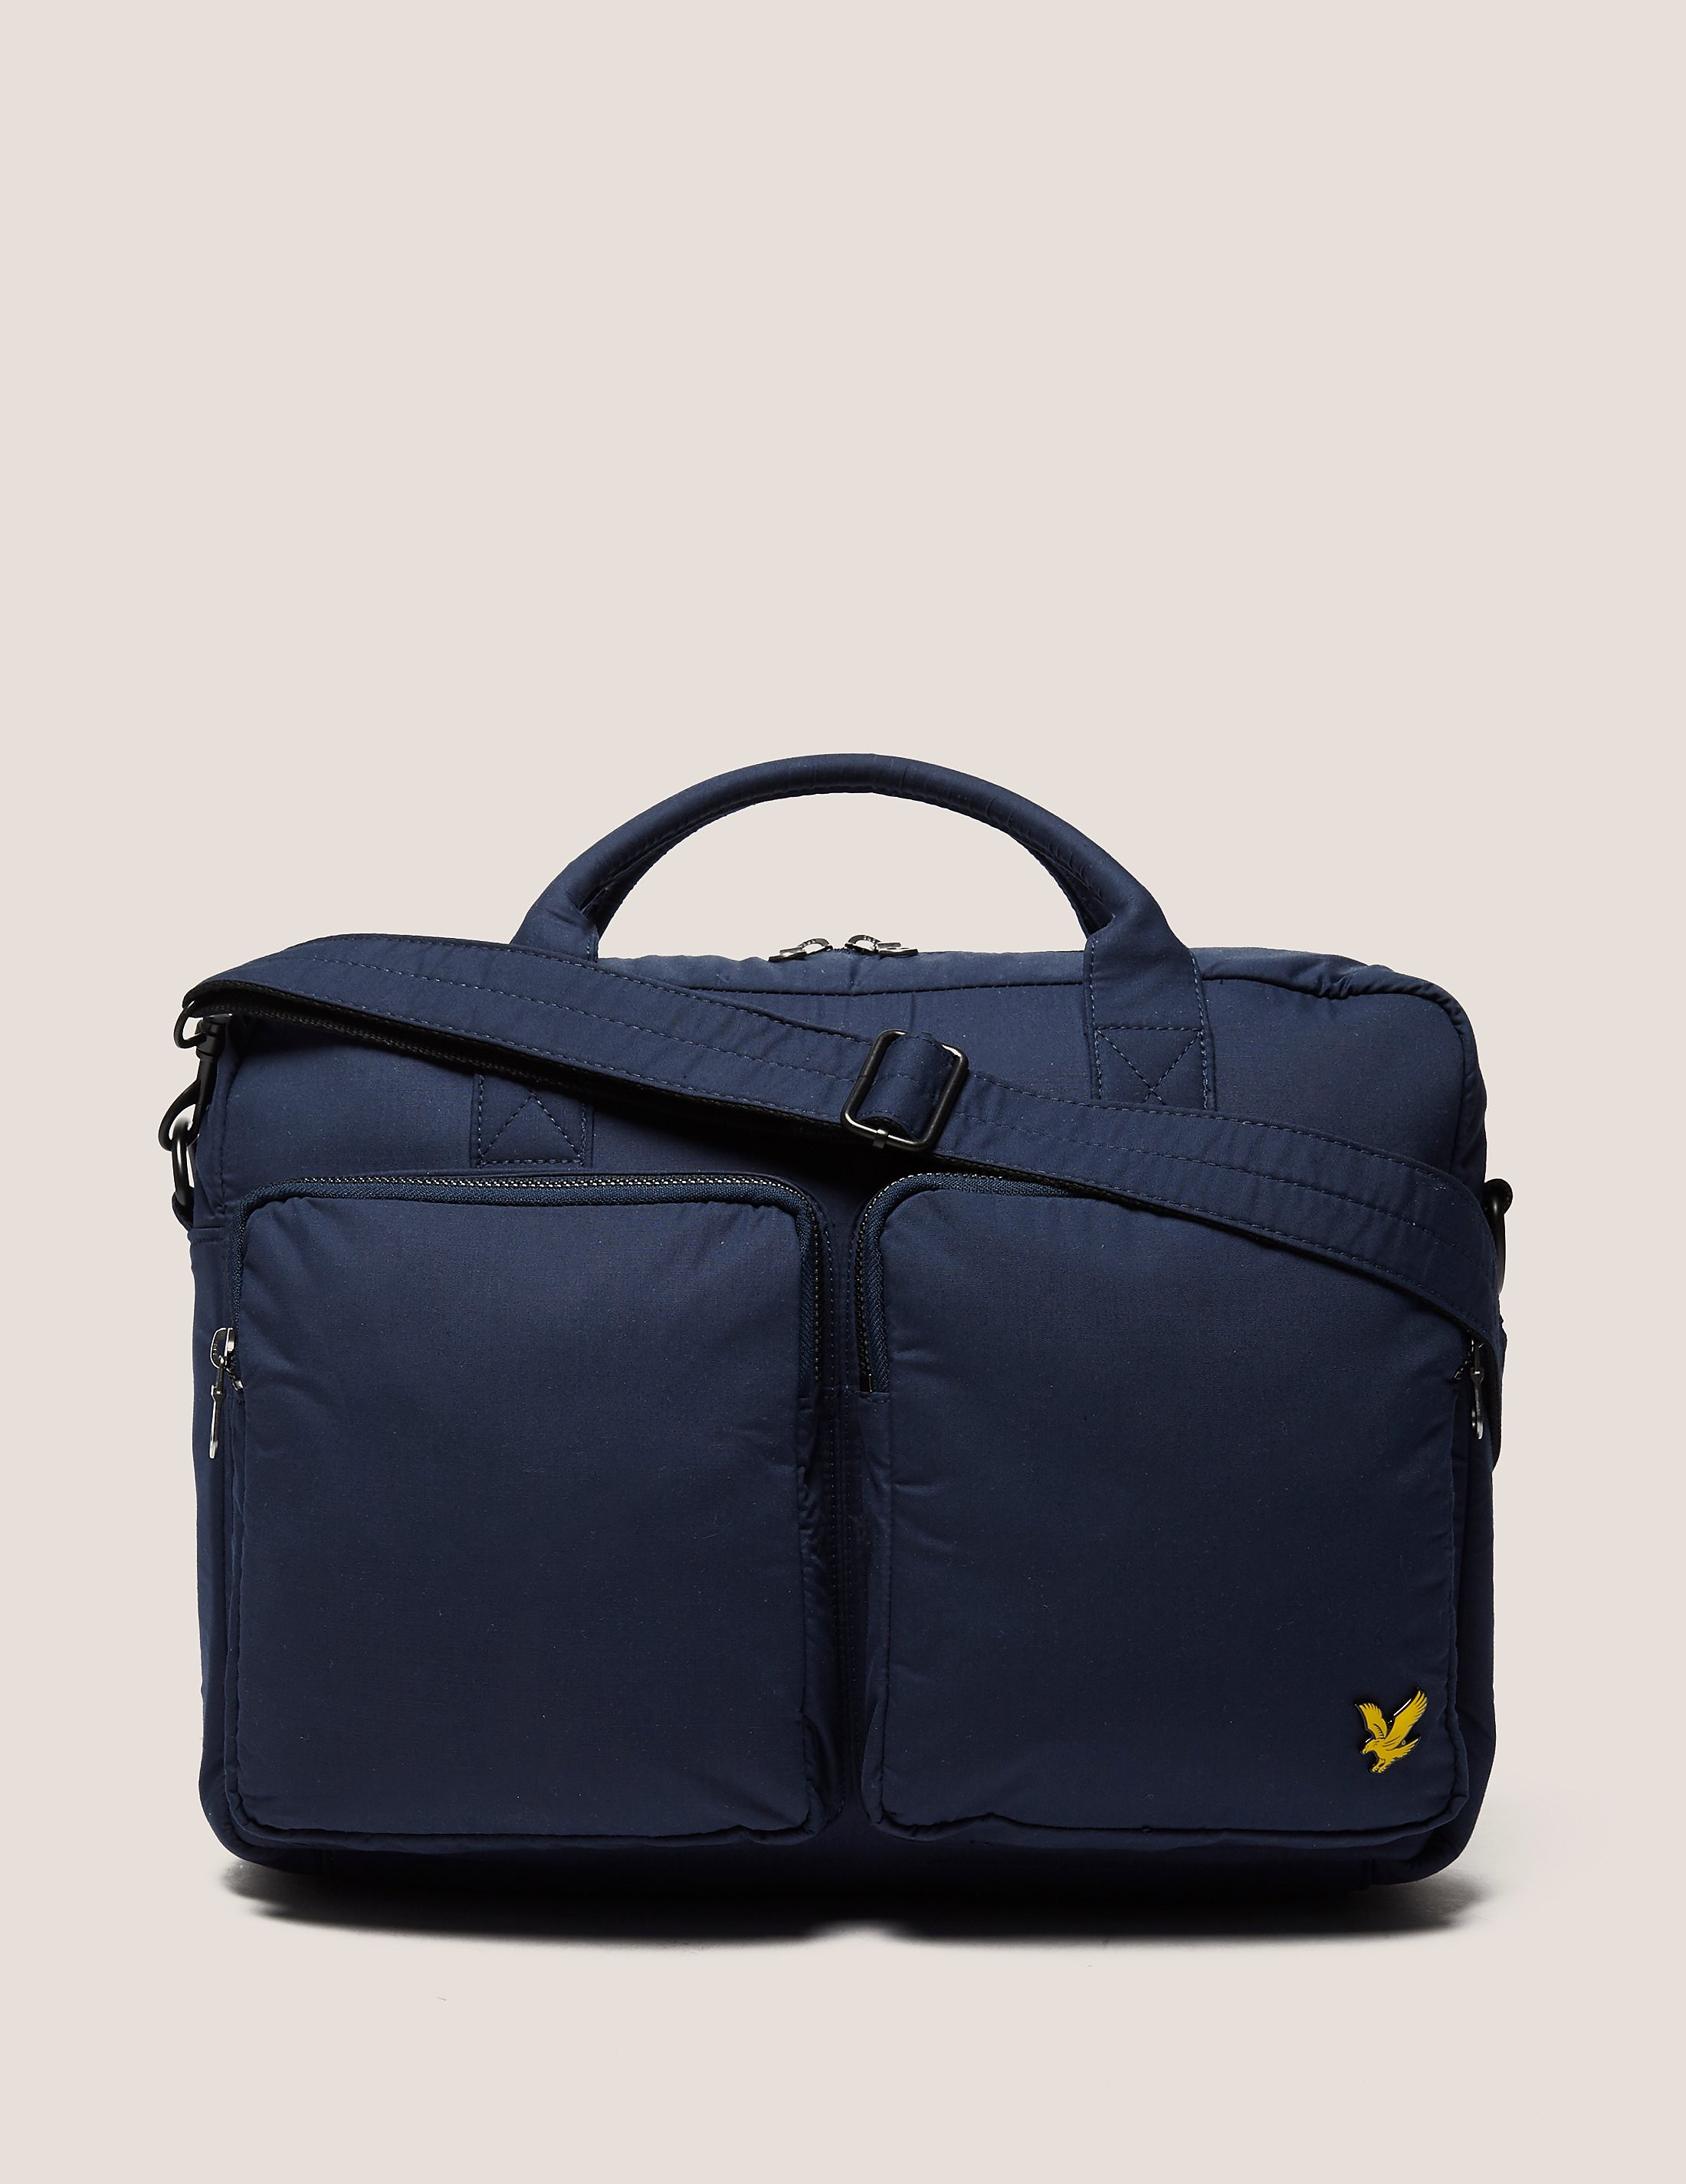 Lyle & Scott Shoulder Bag